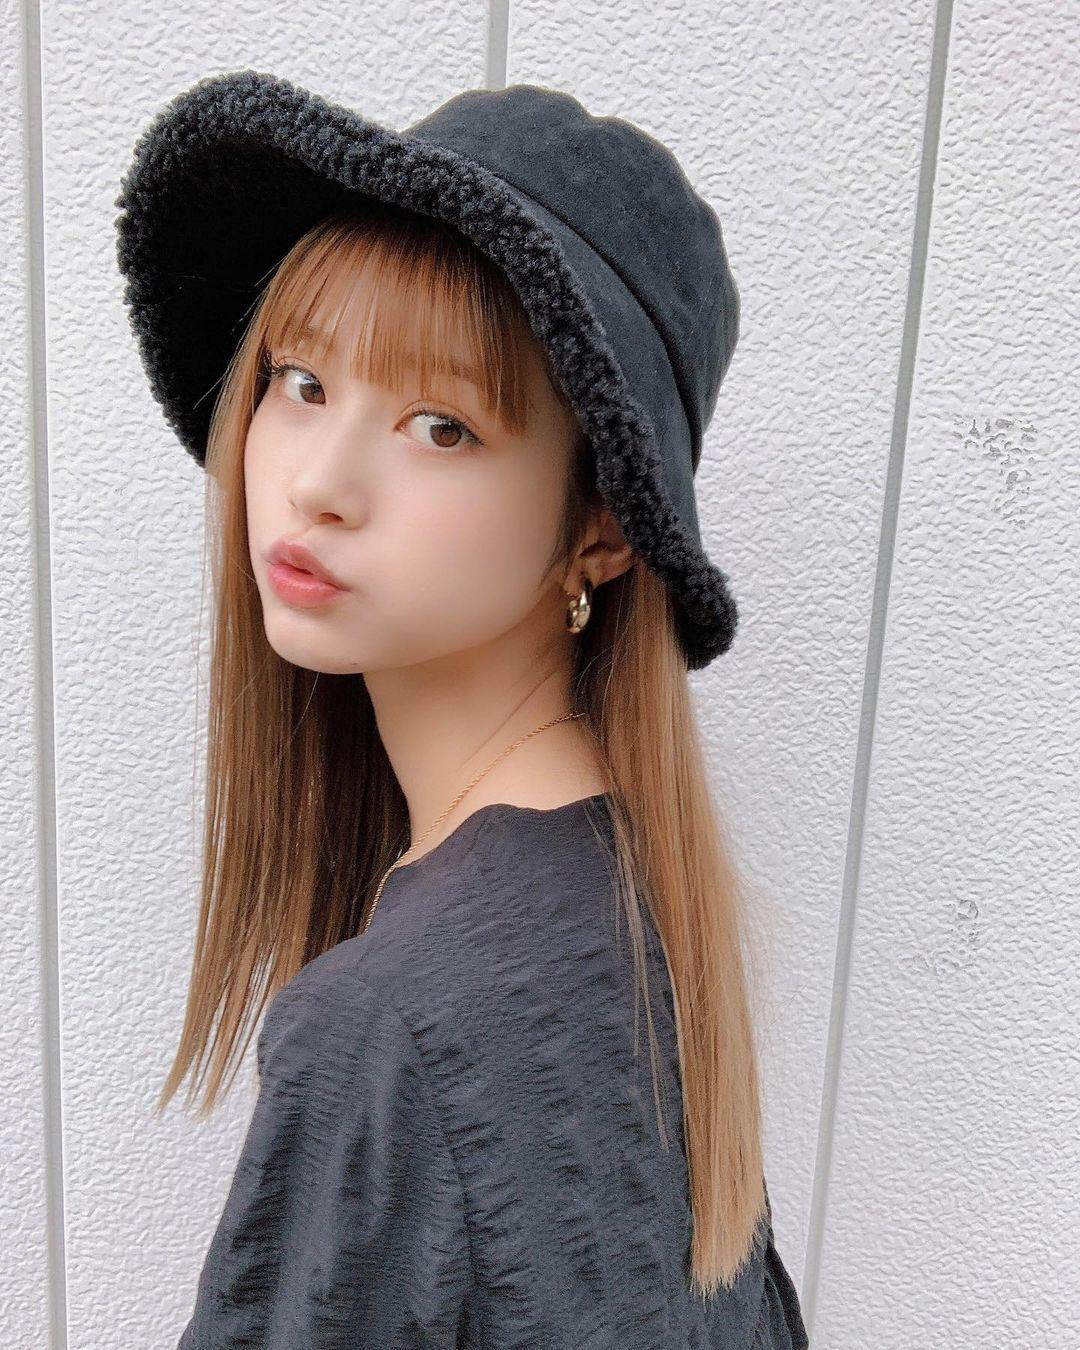 名古屋最可爱国中生「生见爱瑠」,神级颜值美到让人窒息-新图包